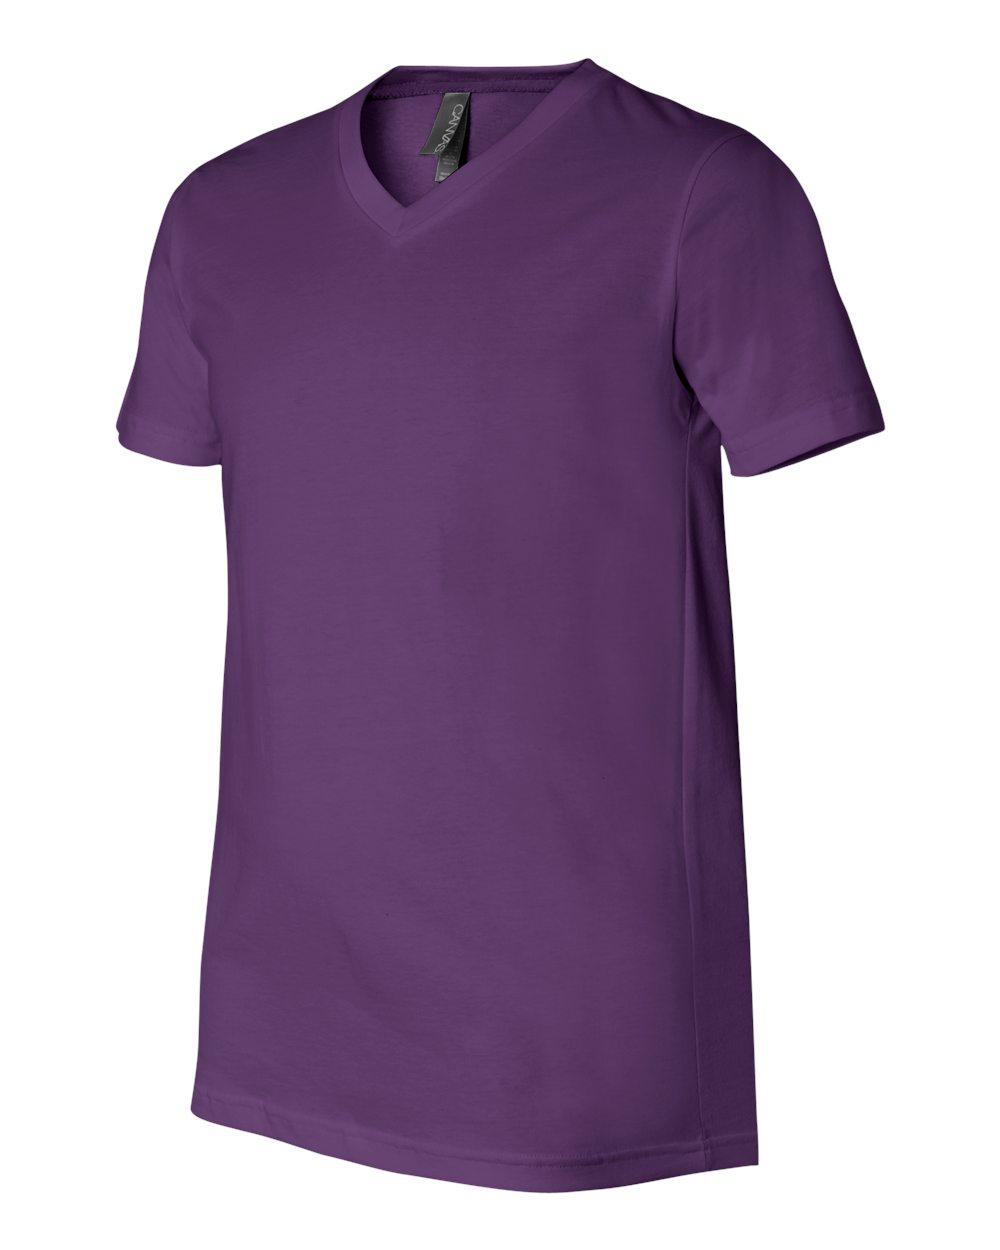 Bella-Canvas-Men-039-s-Jersey-Short-Sleeve-V-Neck-T-Shirt-3005-XS-3XL thumbnail 49